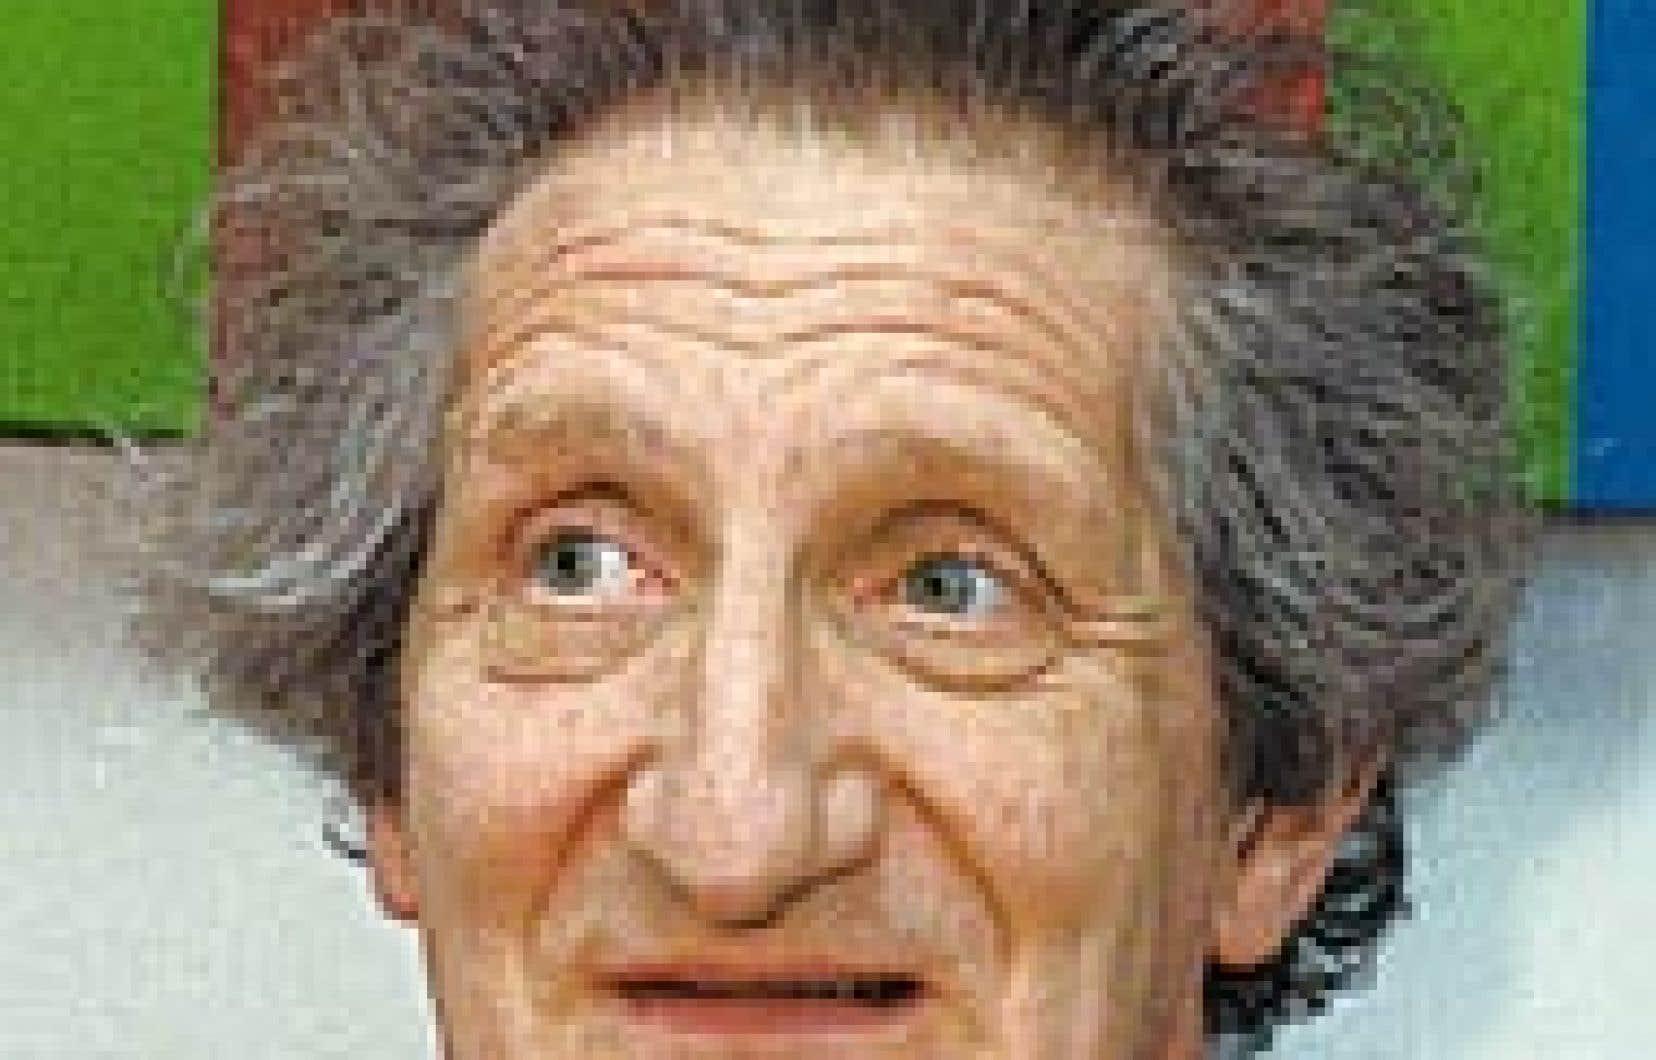 Guido Molinari, 1933-2004